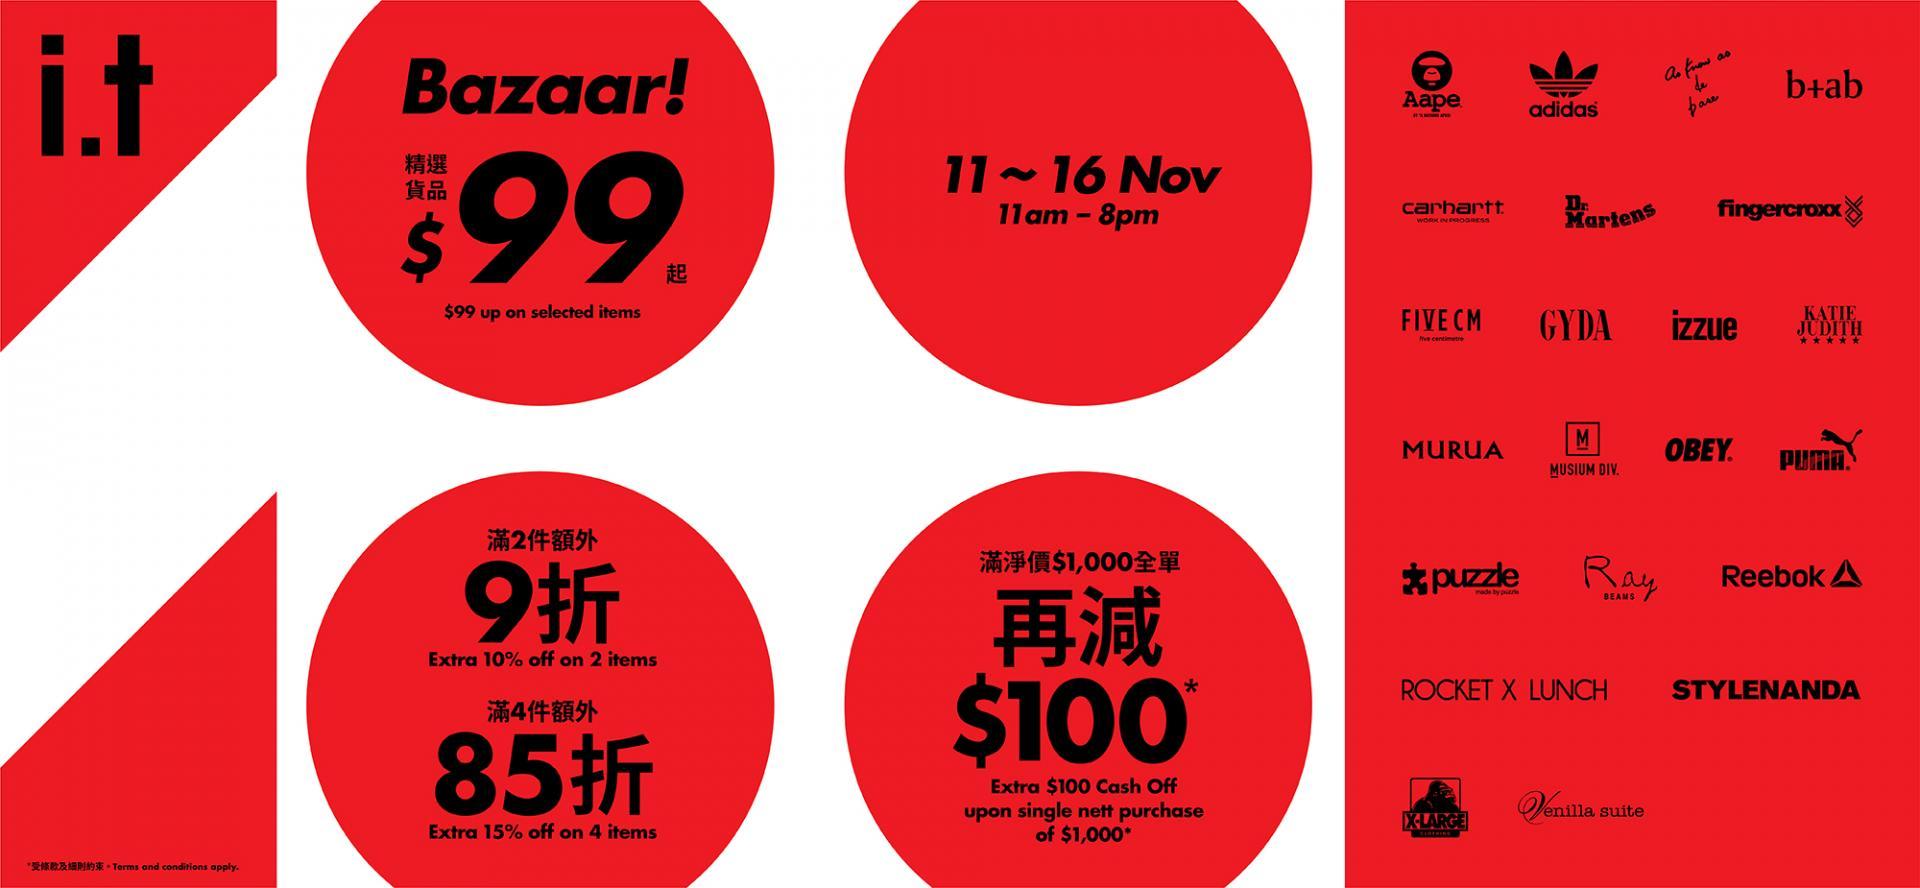 i.t Bazaar